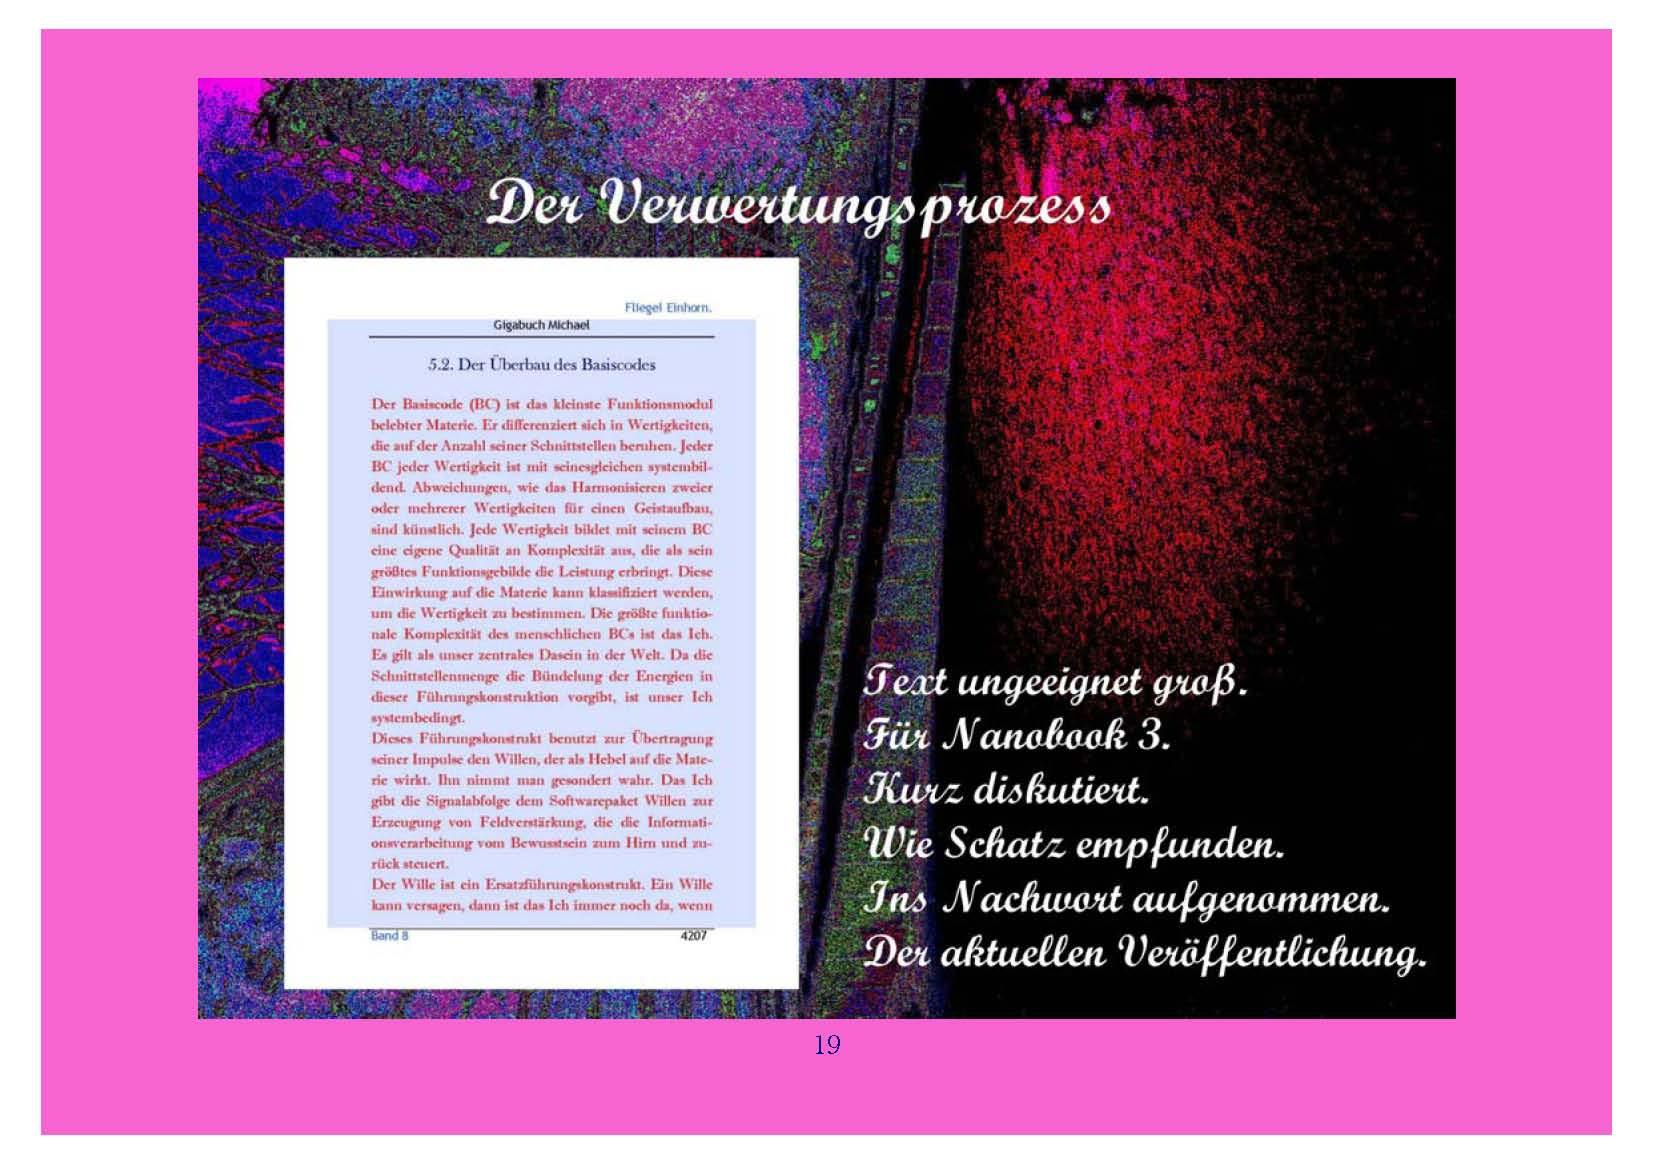 ™Gigabuch-Bibliothek/iAutobiographie Band 17/Bild 1270